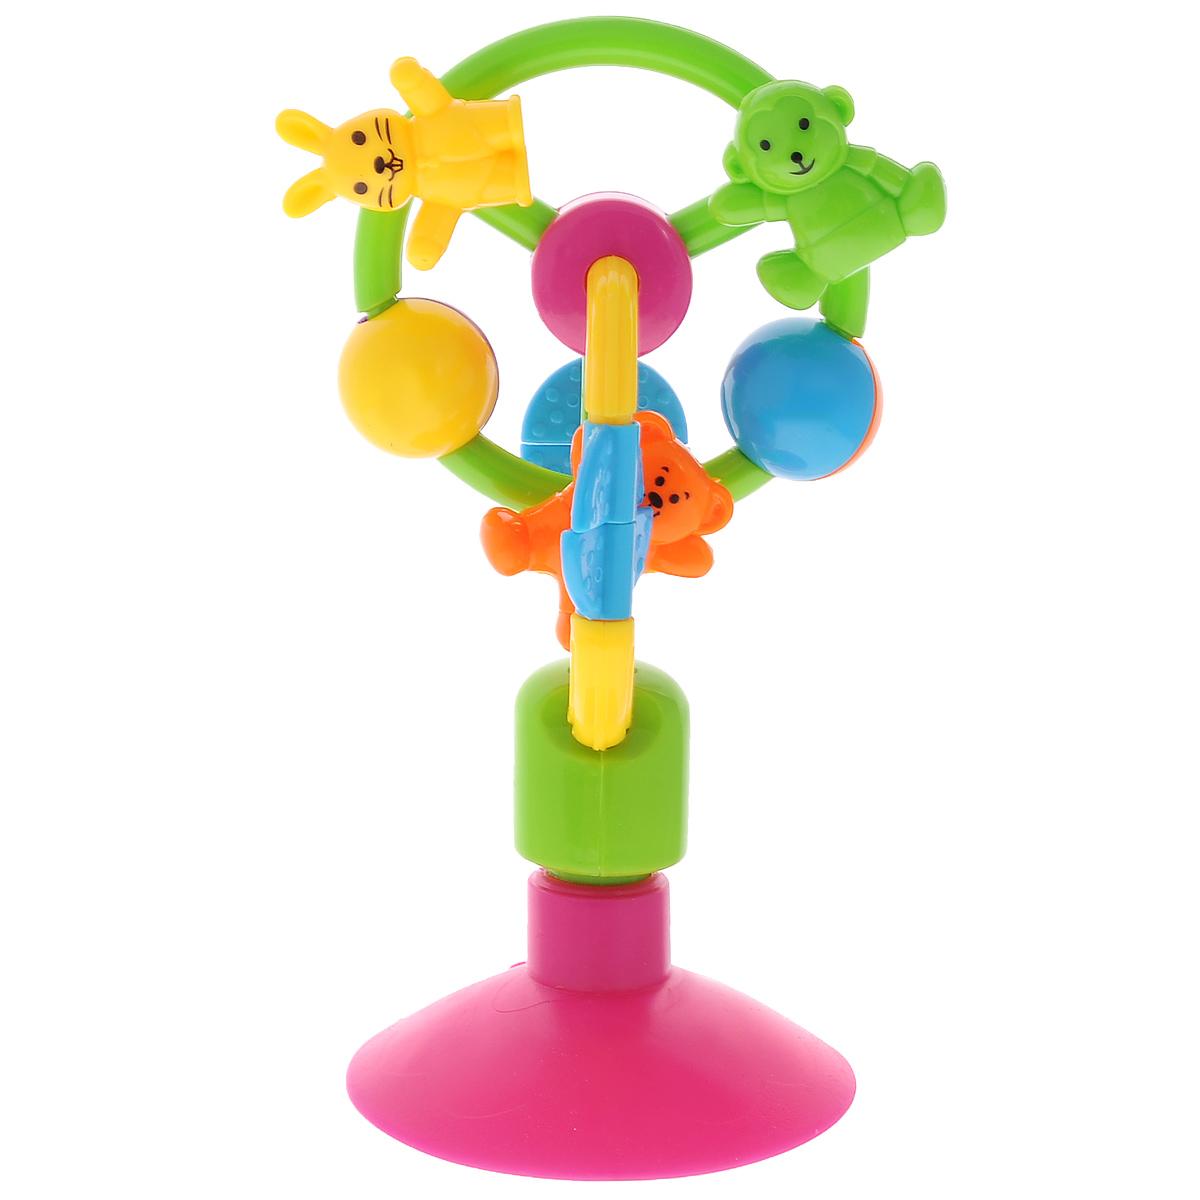 Погремушка-карусель Mioshi Зверюшки на Карусели развивающая игрушка погремушка mioshi черепашка